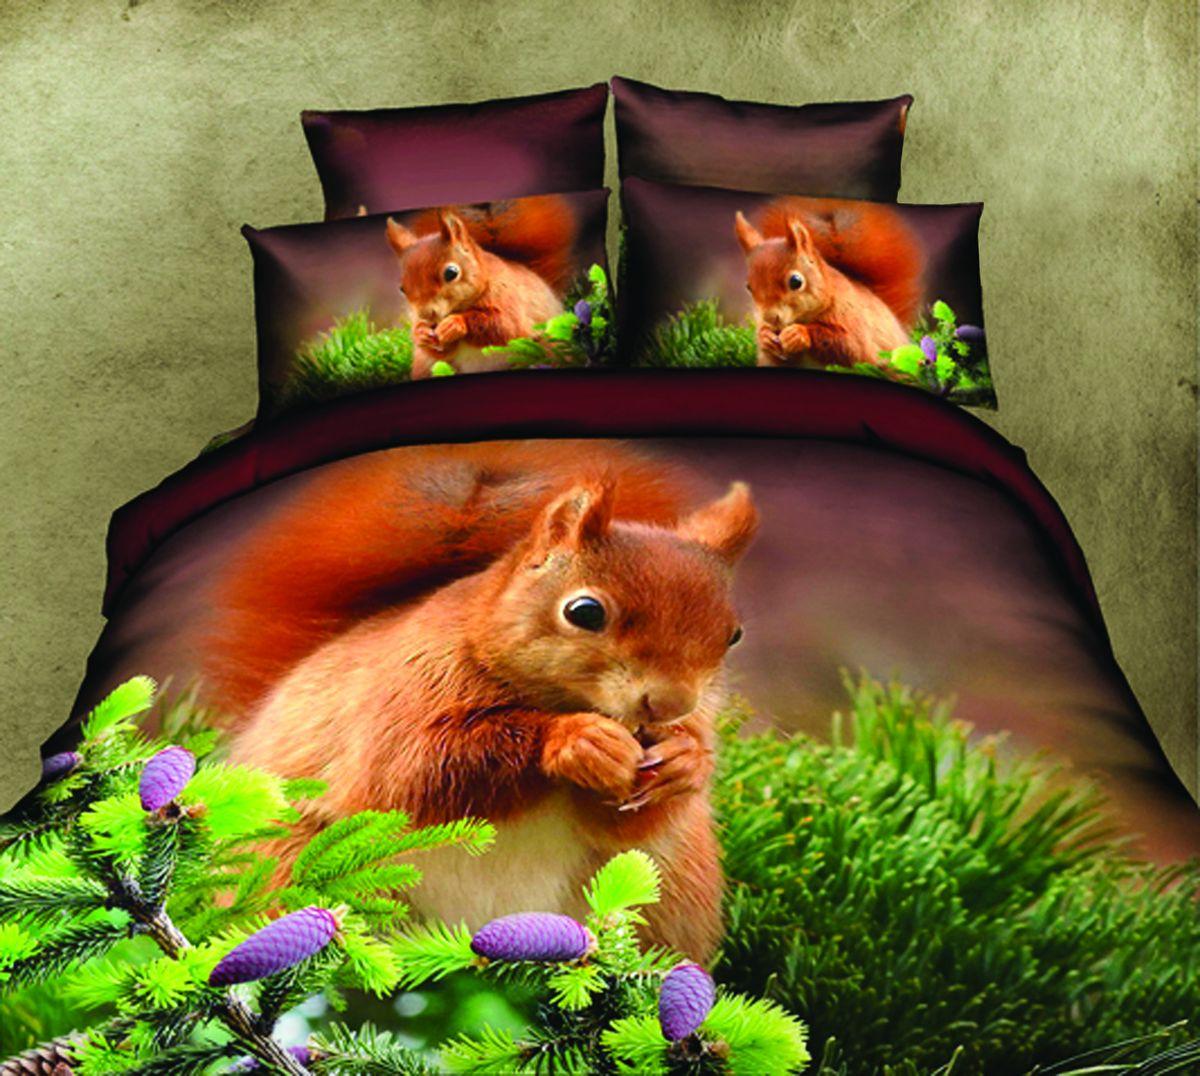 Комплект белья Guten Morgen Белка, 2-спальный, наволочки 70х70RC-100BWCКомплект постельного белья Guten Morgen Белка, изготовленный из сатина (100% хлопка), являющегося экологически чистым продуктом, поможет вам расслабиться и подарит спокойный сон. Комплект состоит из пододеяльника, простыни и двух наволочек. Предметы комплекта оформлены изображением белки. Постельное белье имеет и привлекающий внешний вид и обладает яркими, сочными цветами. Благодаря такому комплекту постельного белья вы сможете создать атмосферу уюта и комфорта в вашей спальне.